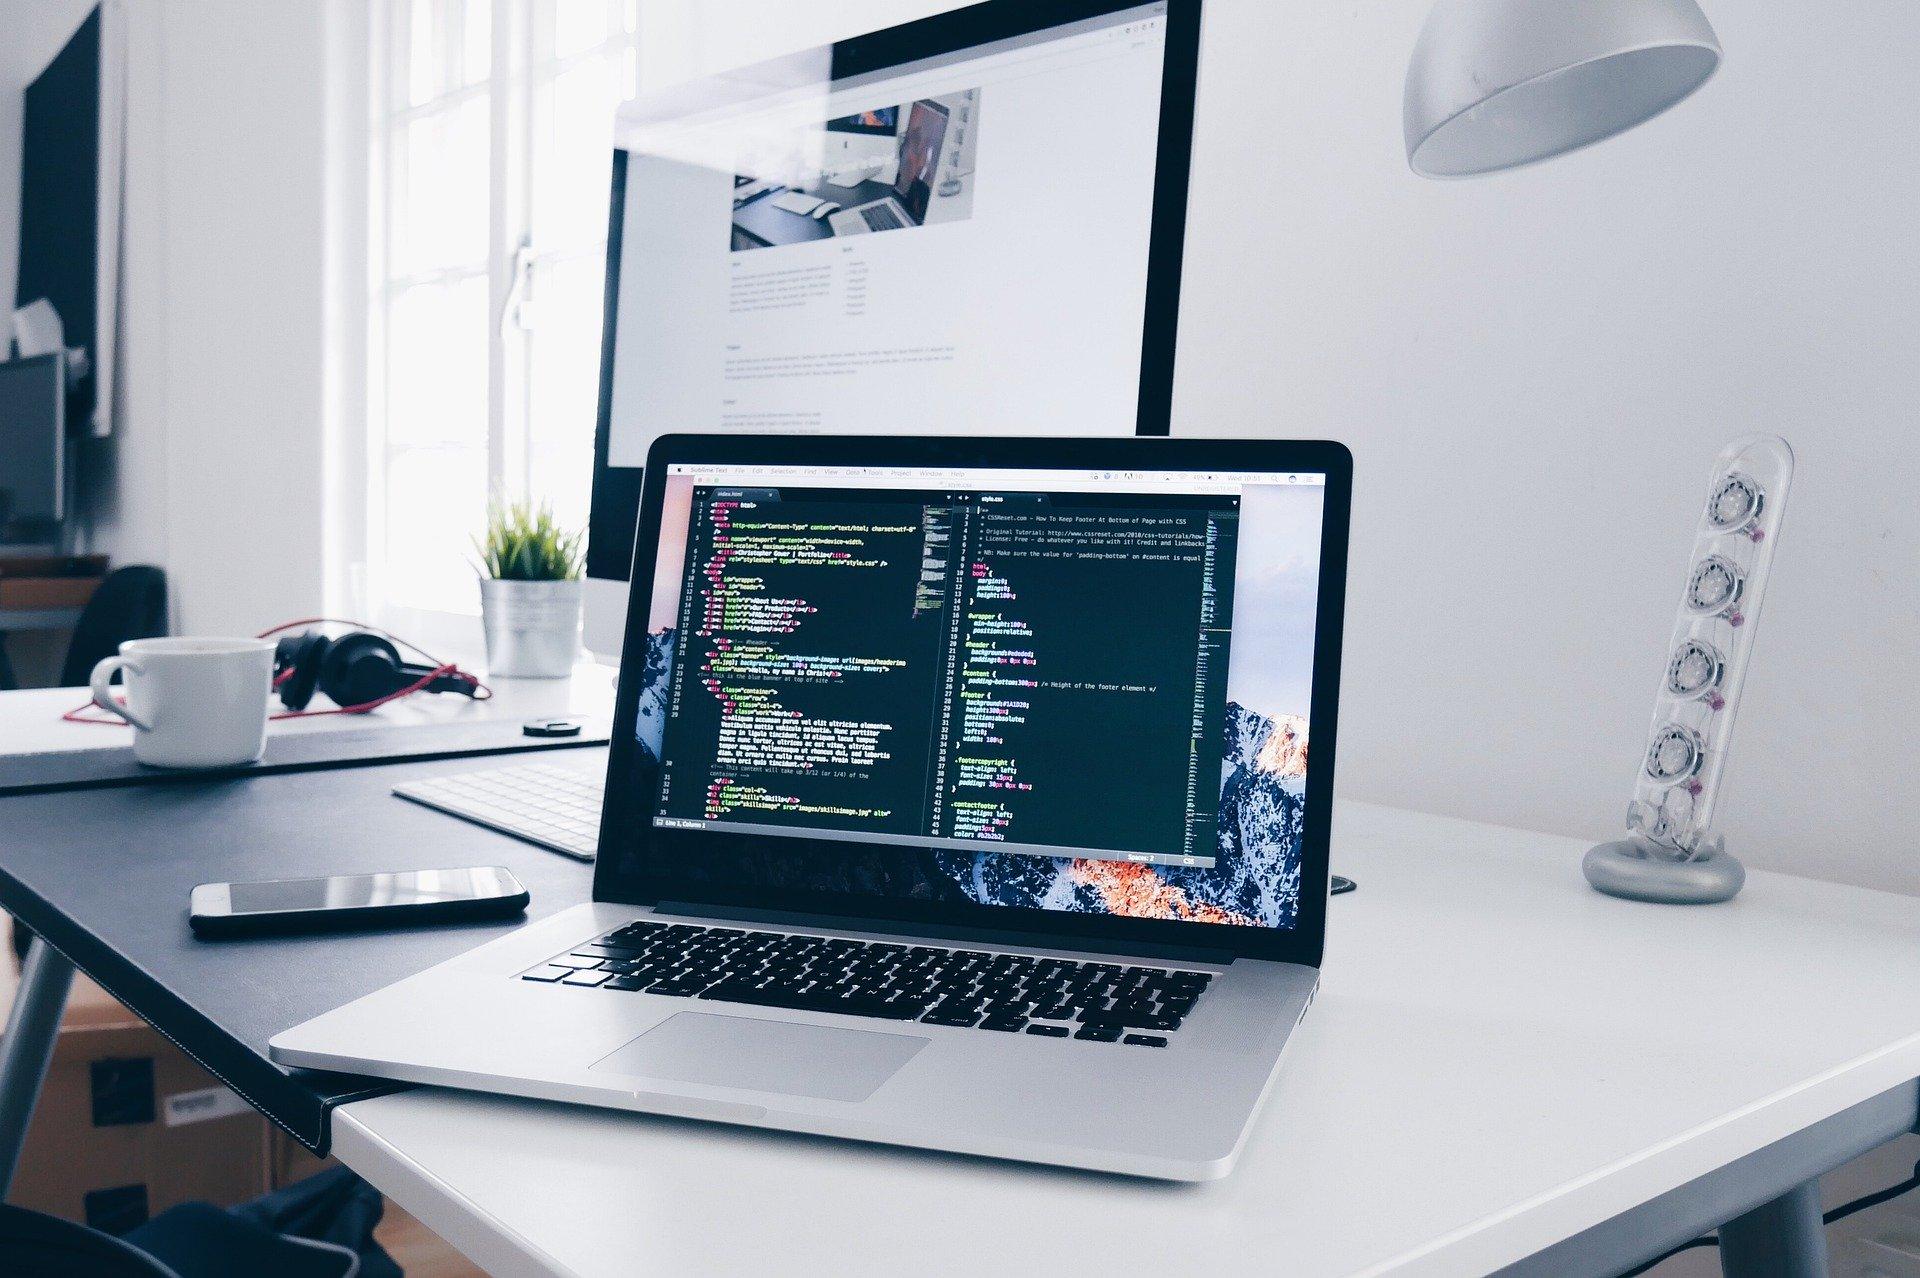 WordPress 微信小程序开源免费版 Travel Mini Program 安装指南教程